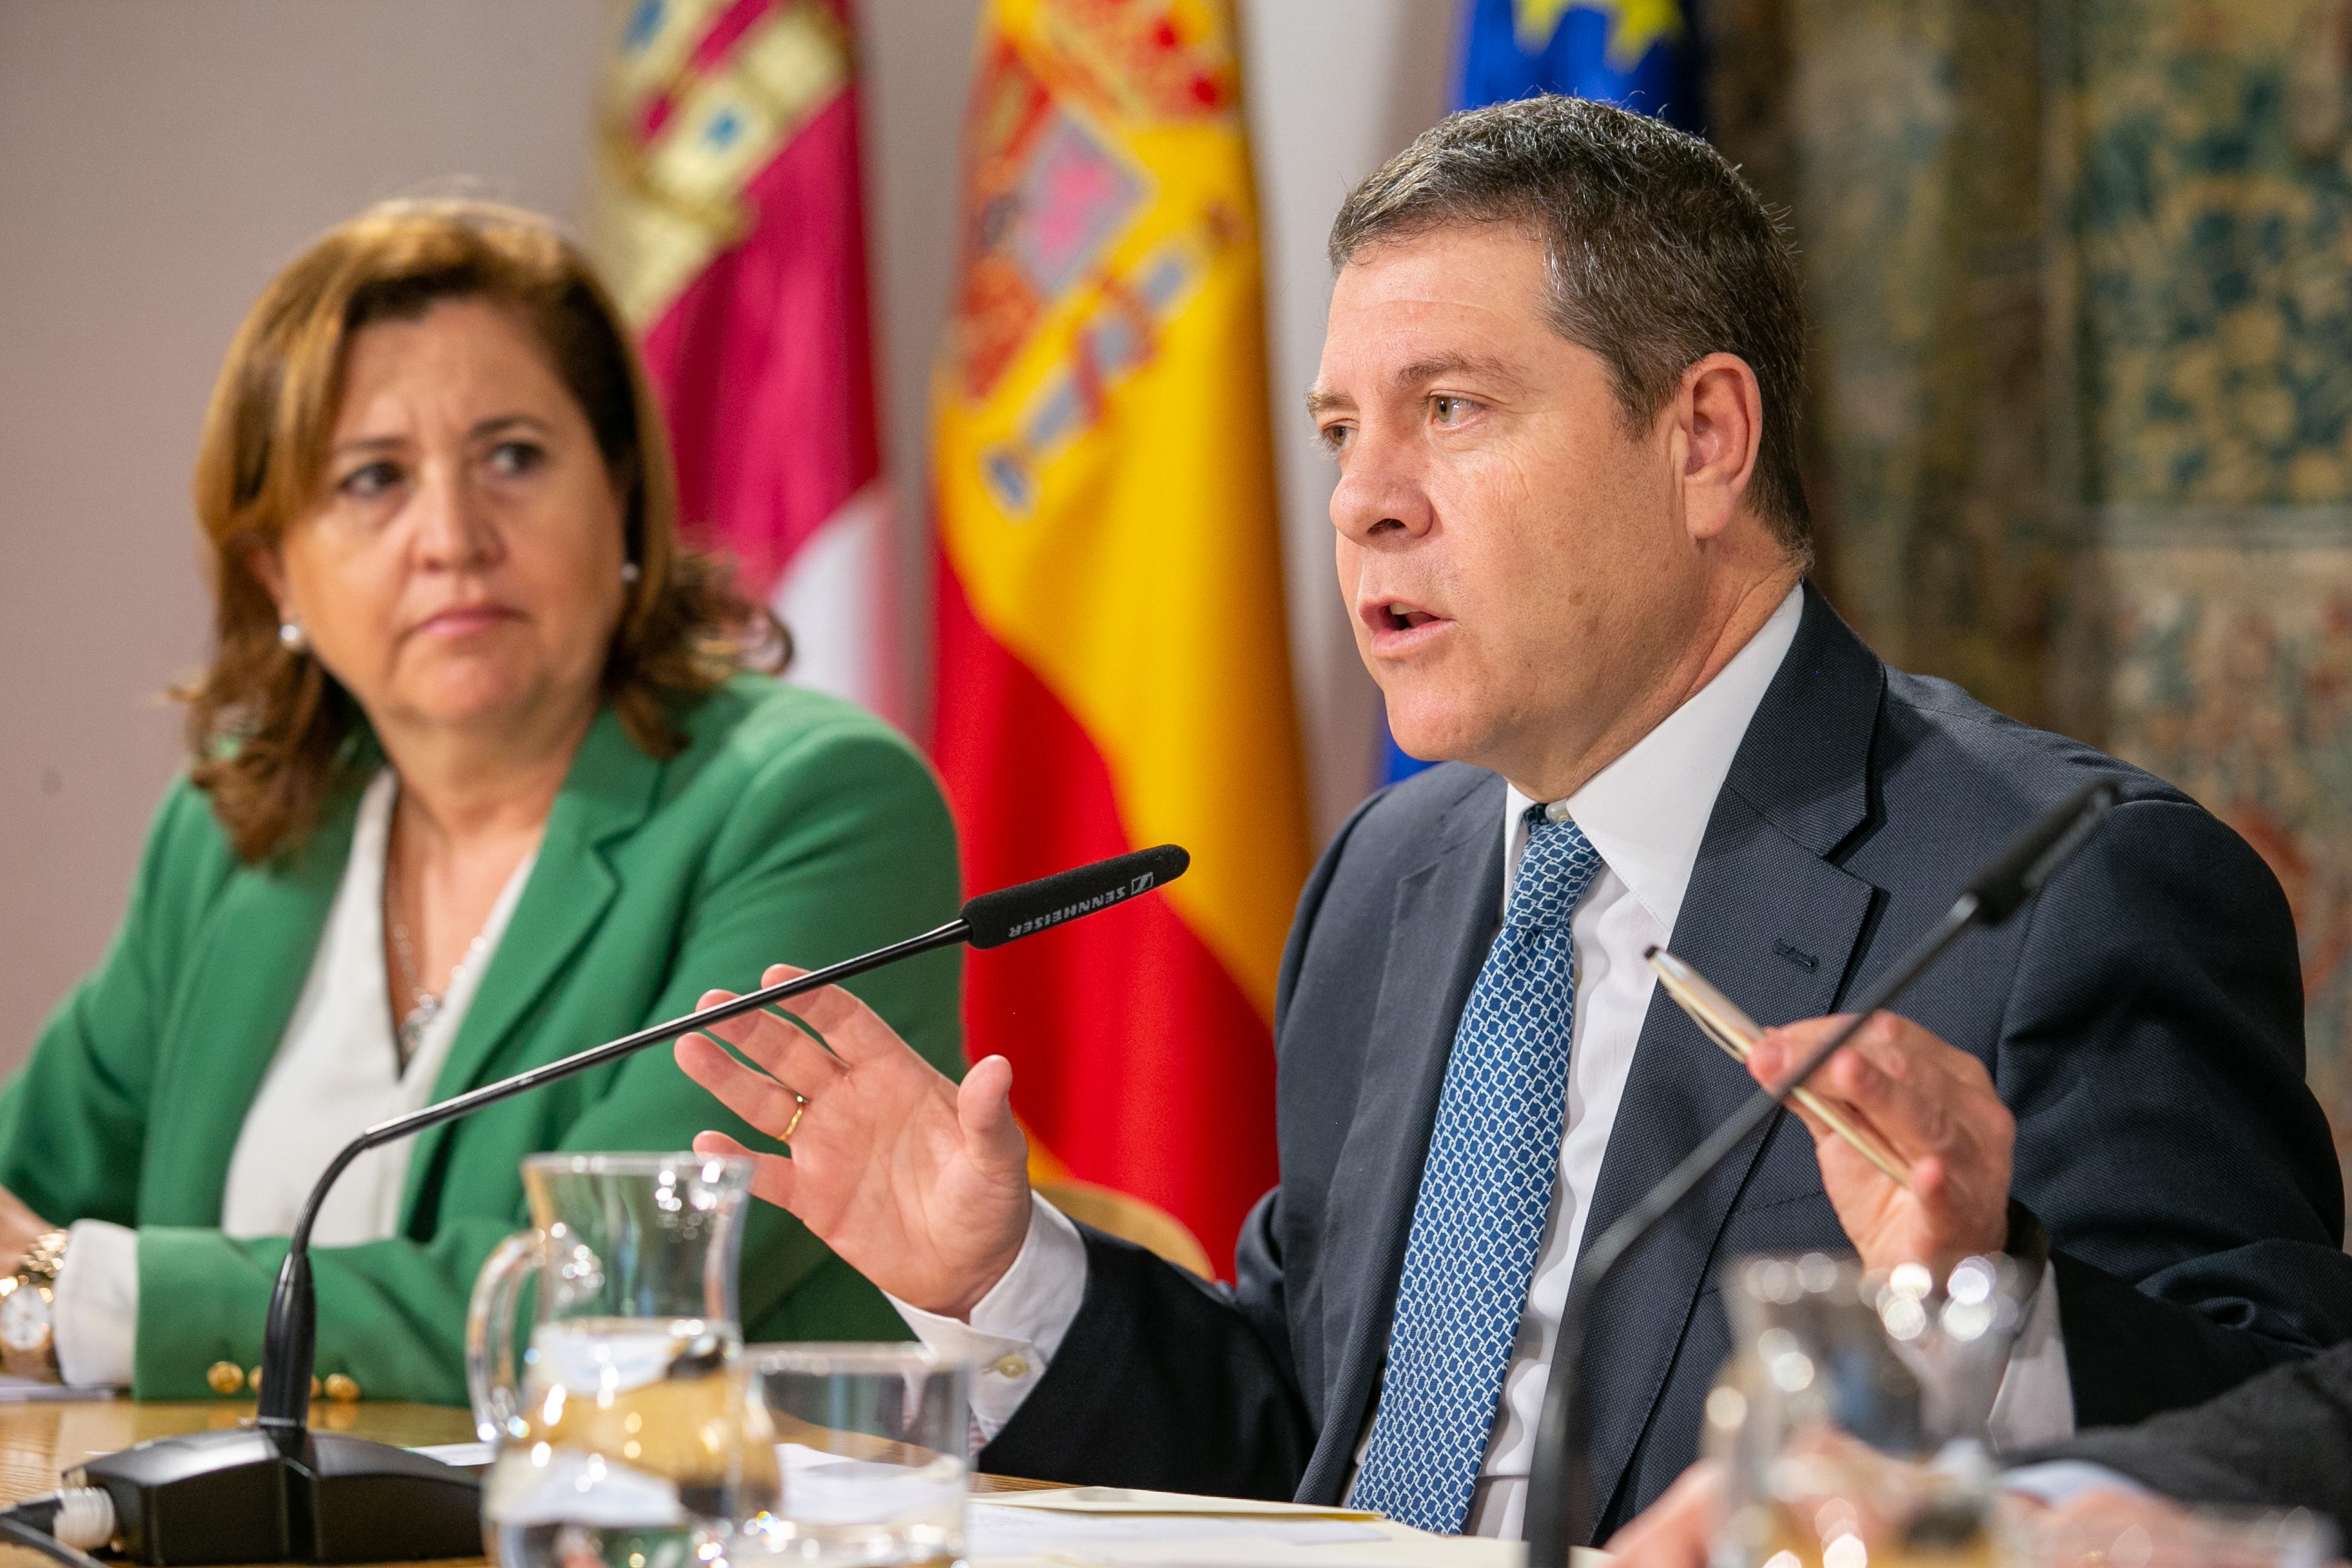 Convenio para la celebración de la exposición 'Burgos-Toledo. Orígenes de España' (II)